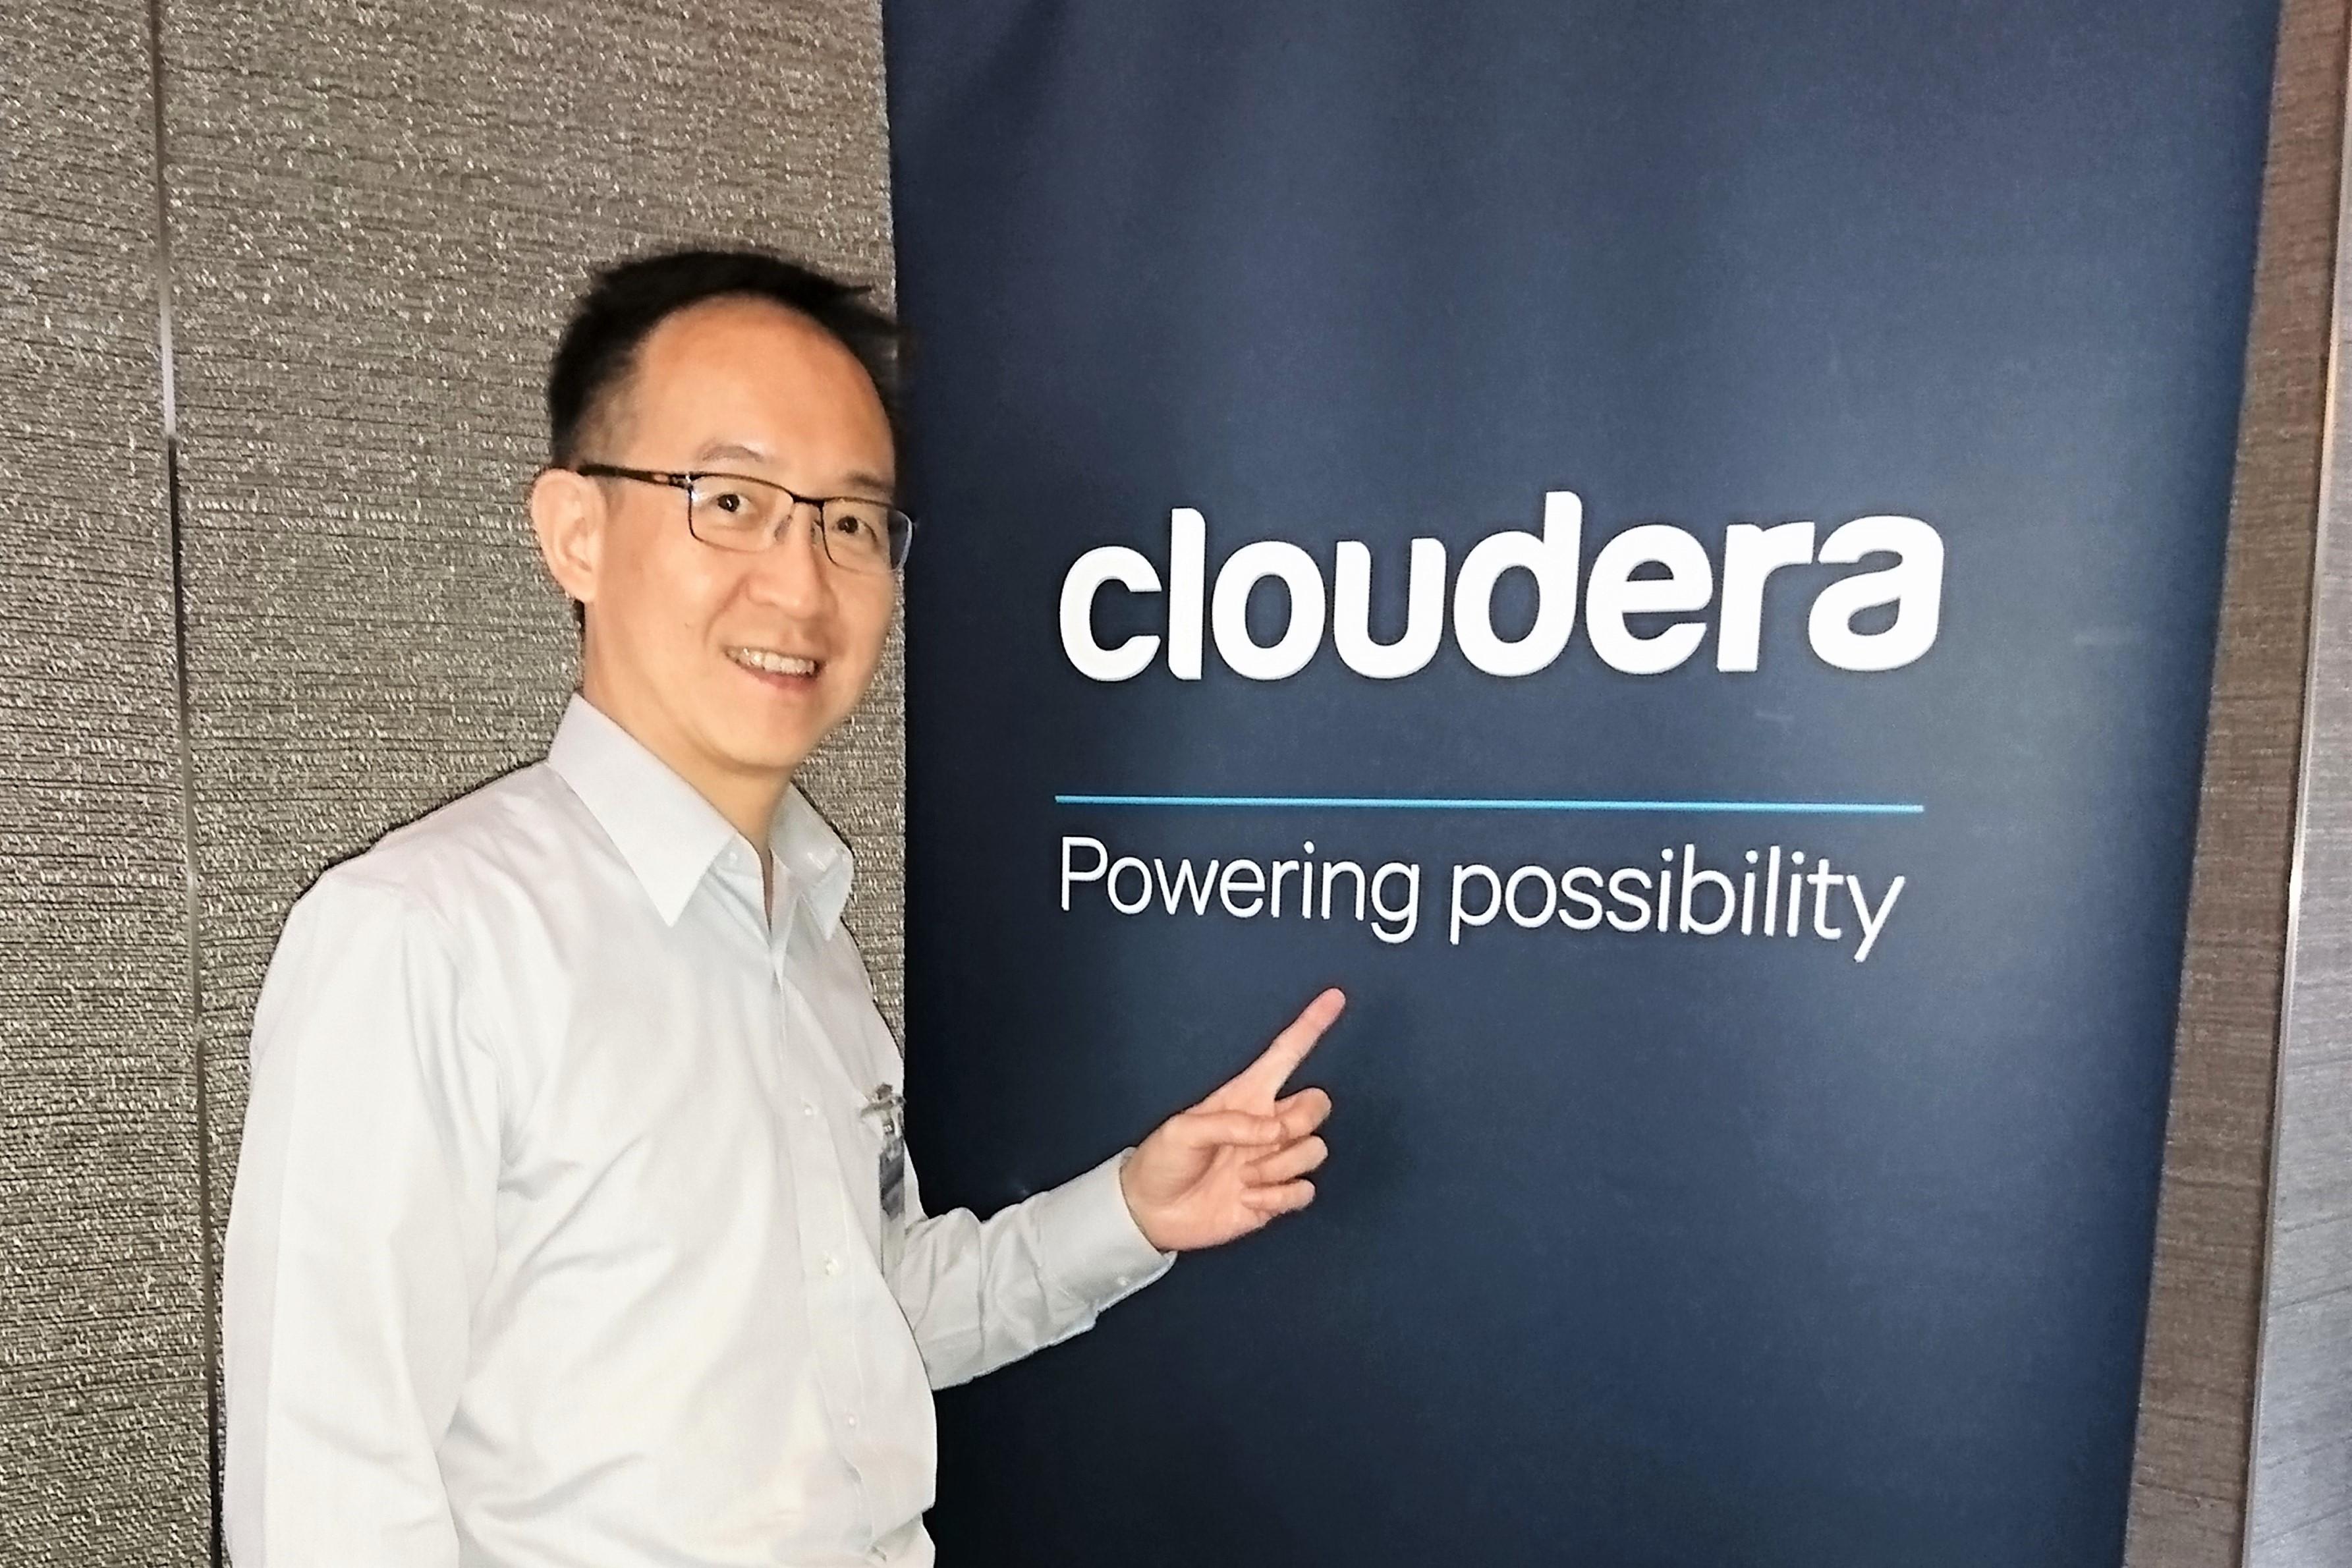 亦思科技應邀參加於新加坡舉辦的Cloudera夥伴高峰會(Clouder